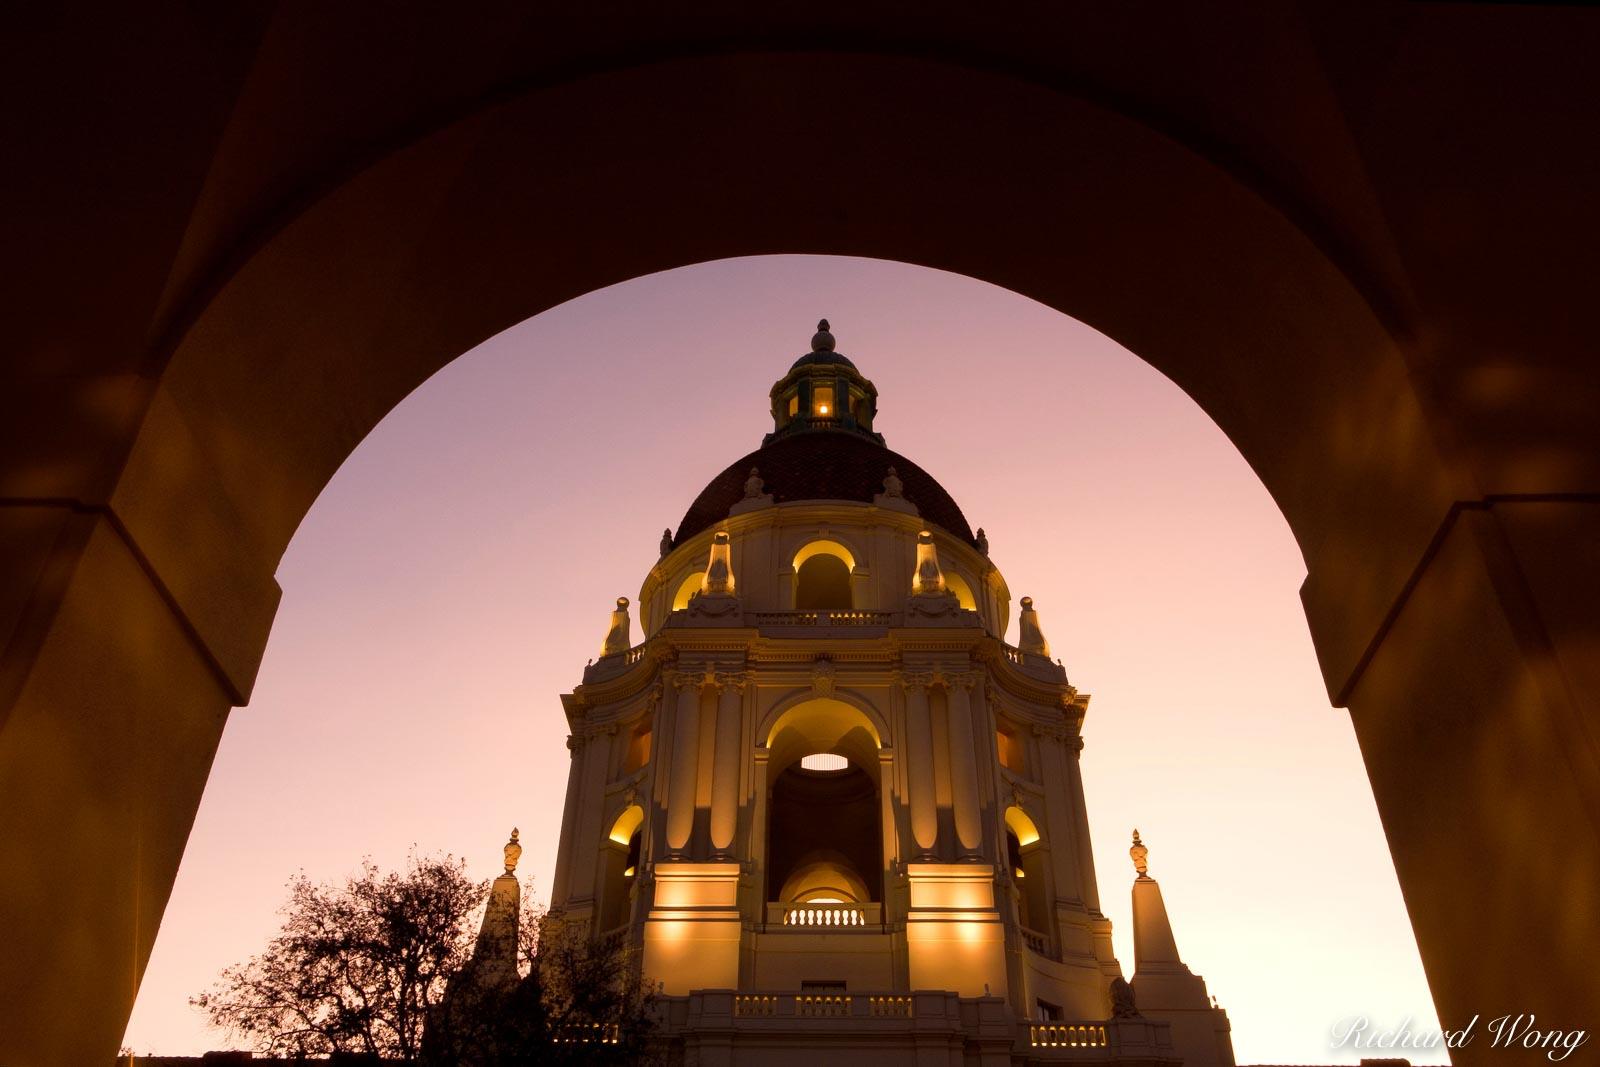 Pasadena City Hall Italian Renaissance Style Dome Framed by Arch, Pasadena, California, photo, photo